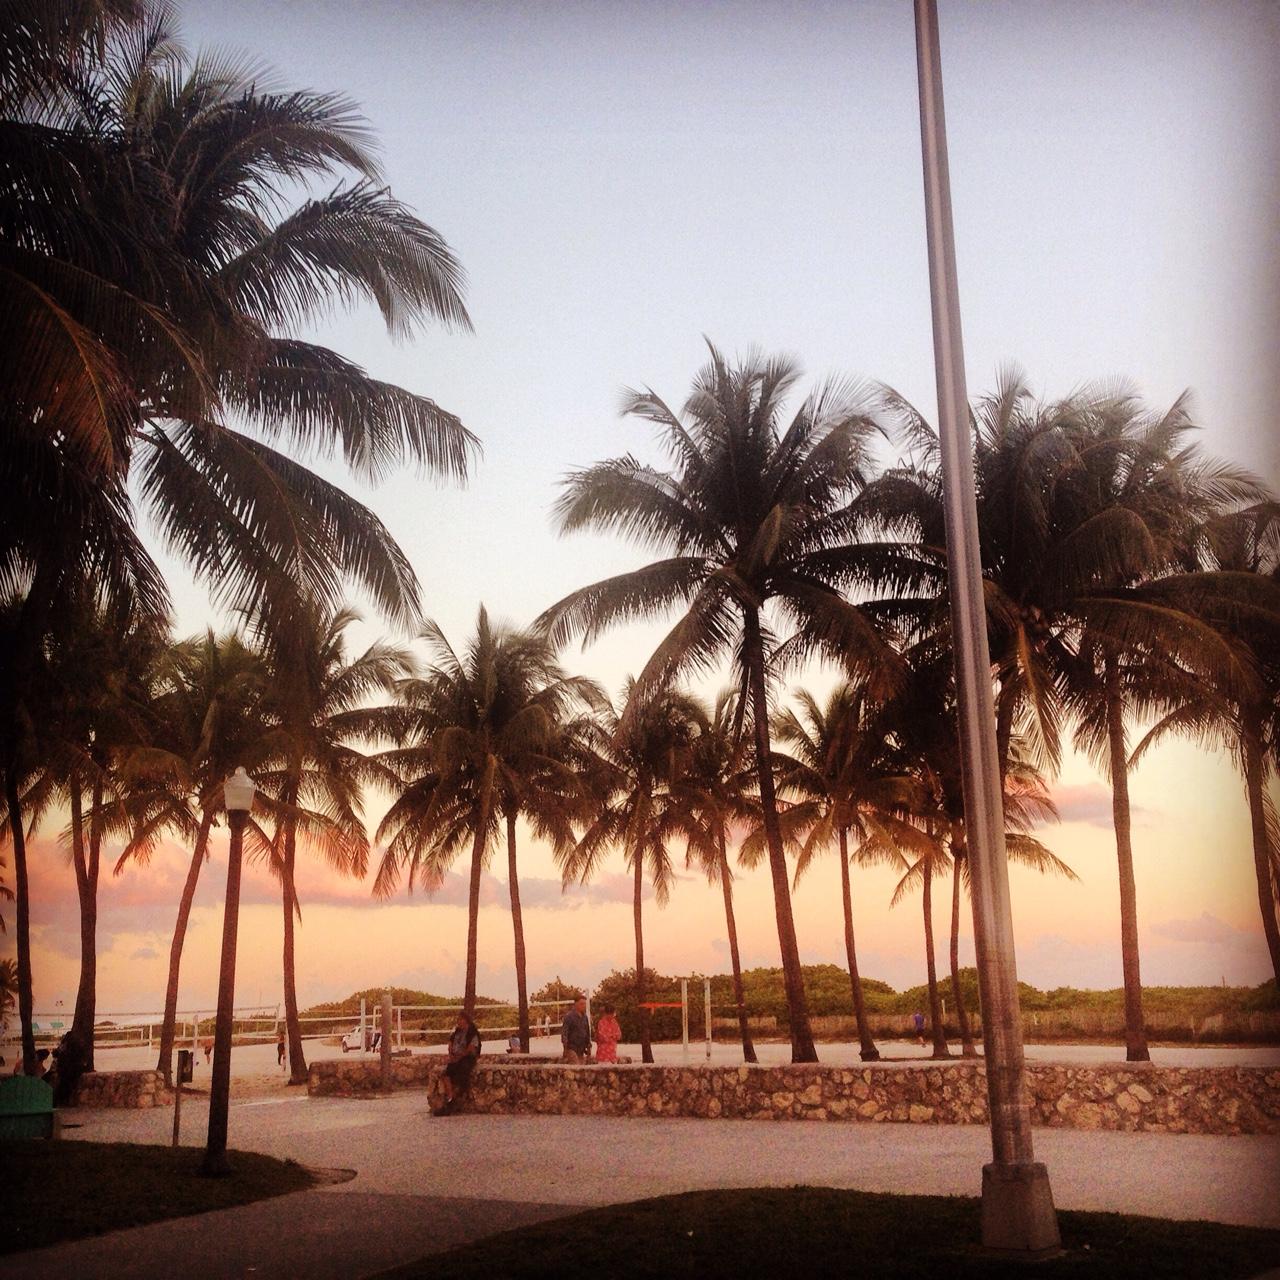 Zwillingsratgeber miami_south_beach_abend Miami Beach - 10 MUST-DOs für Reisende